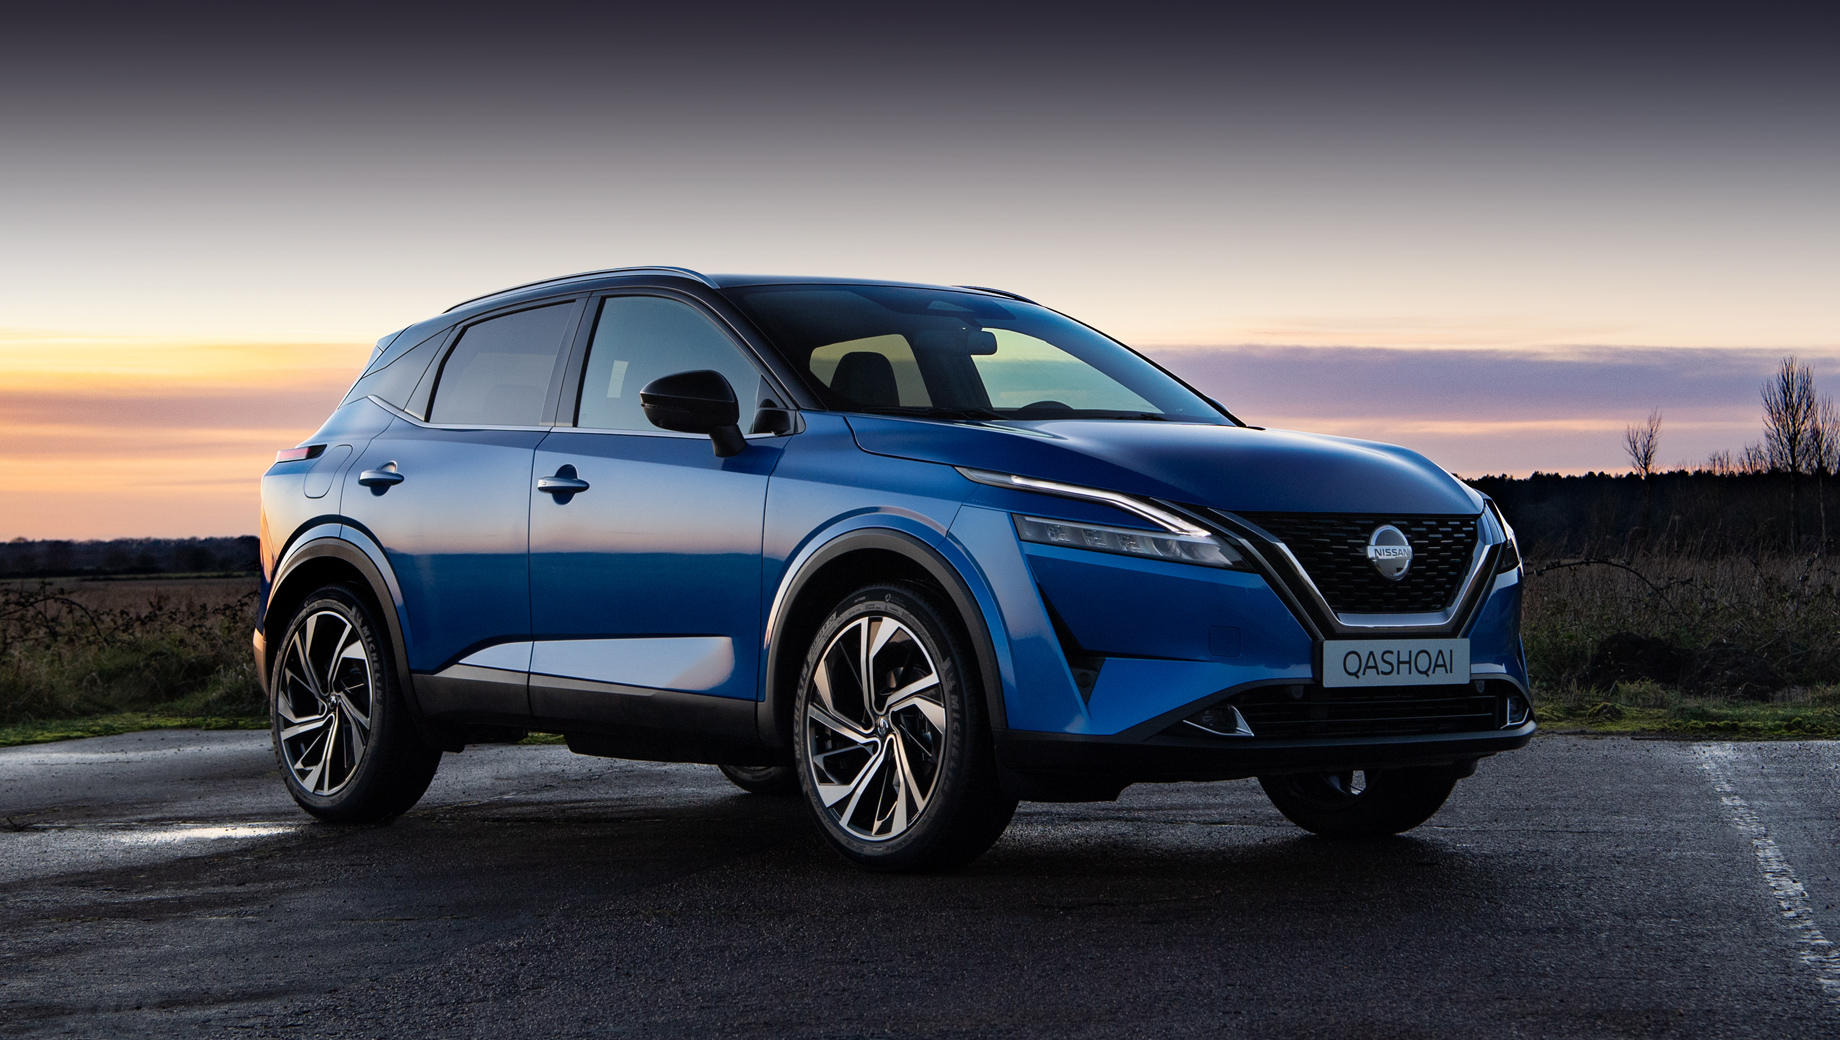 Nissan Qashqai переродился на новой платформе